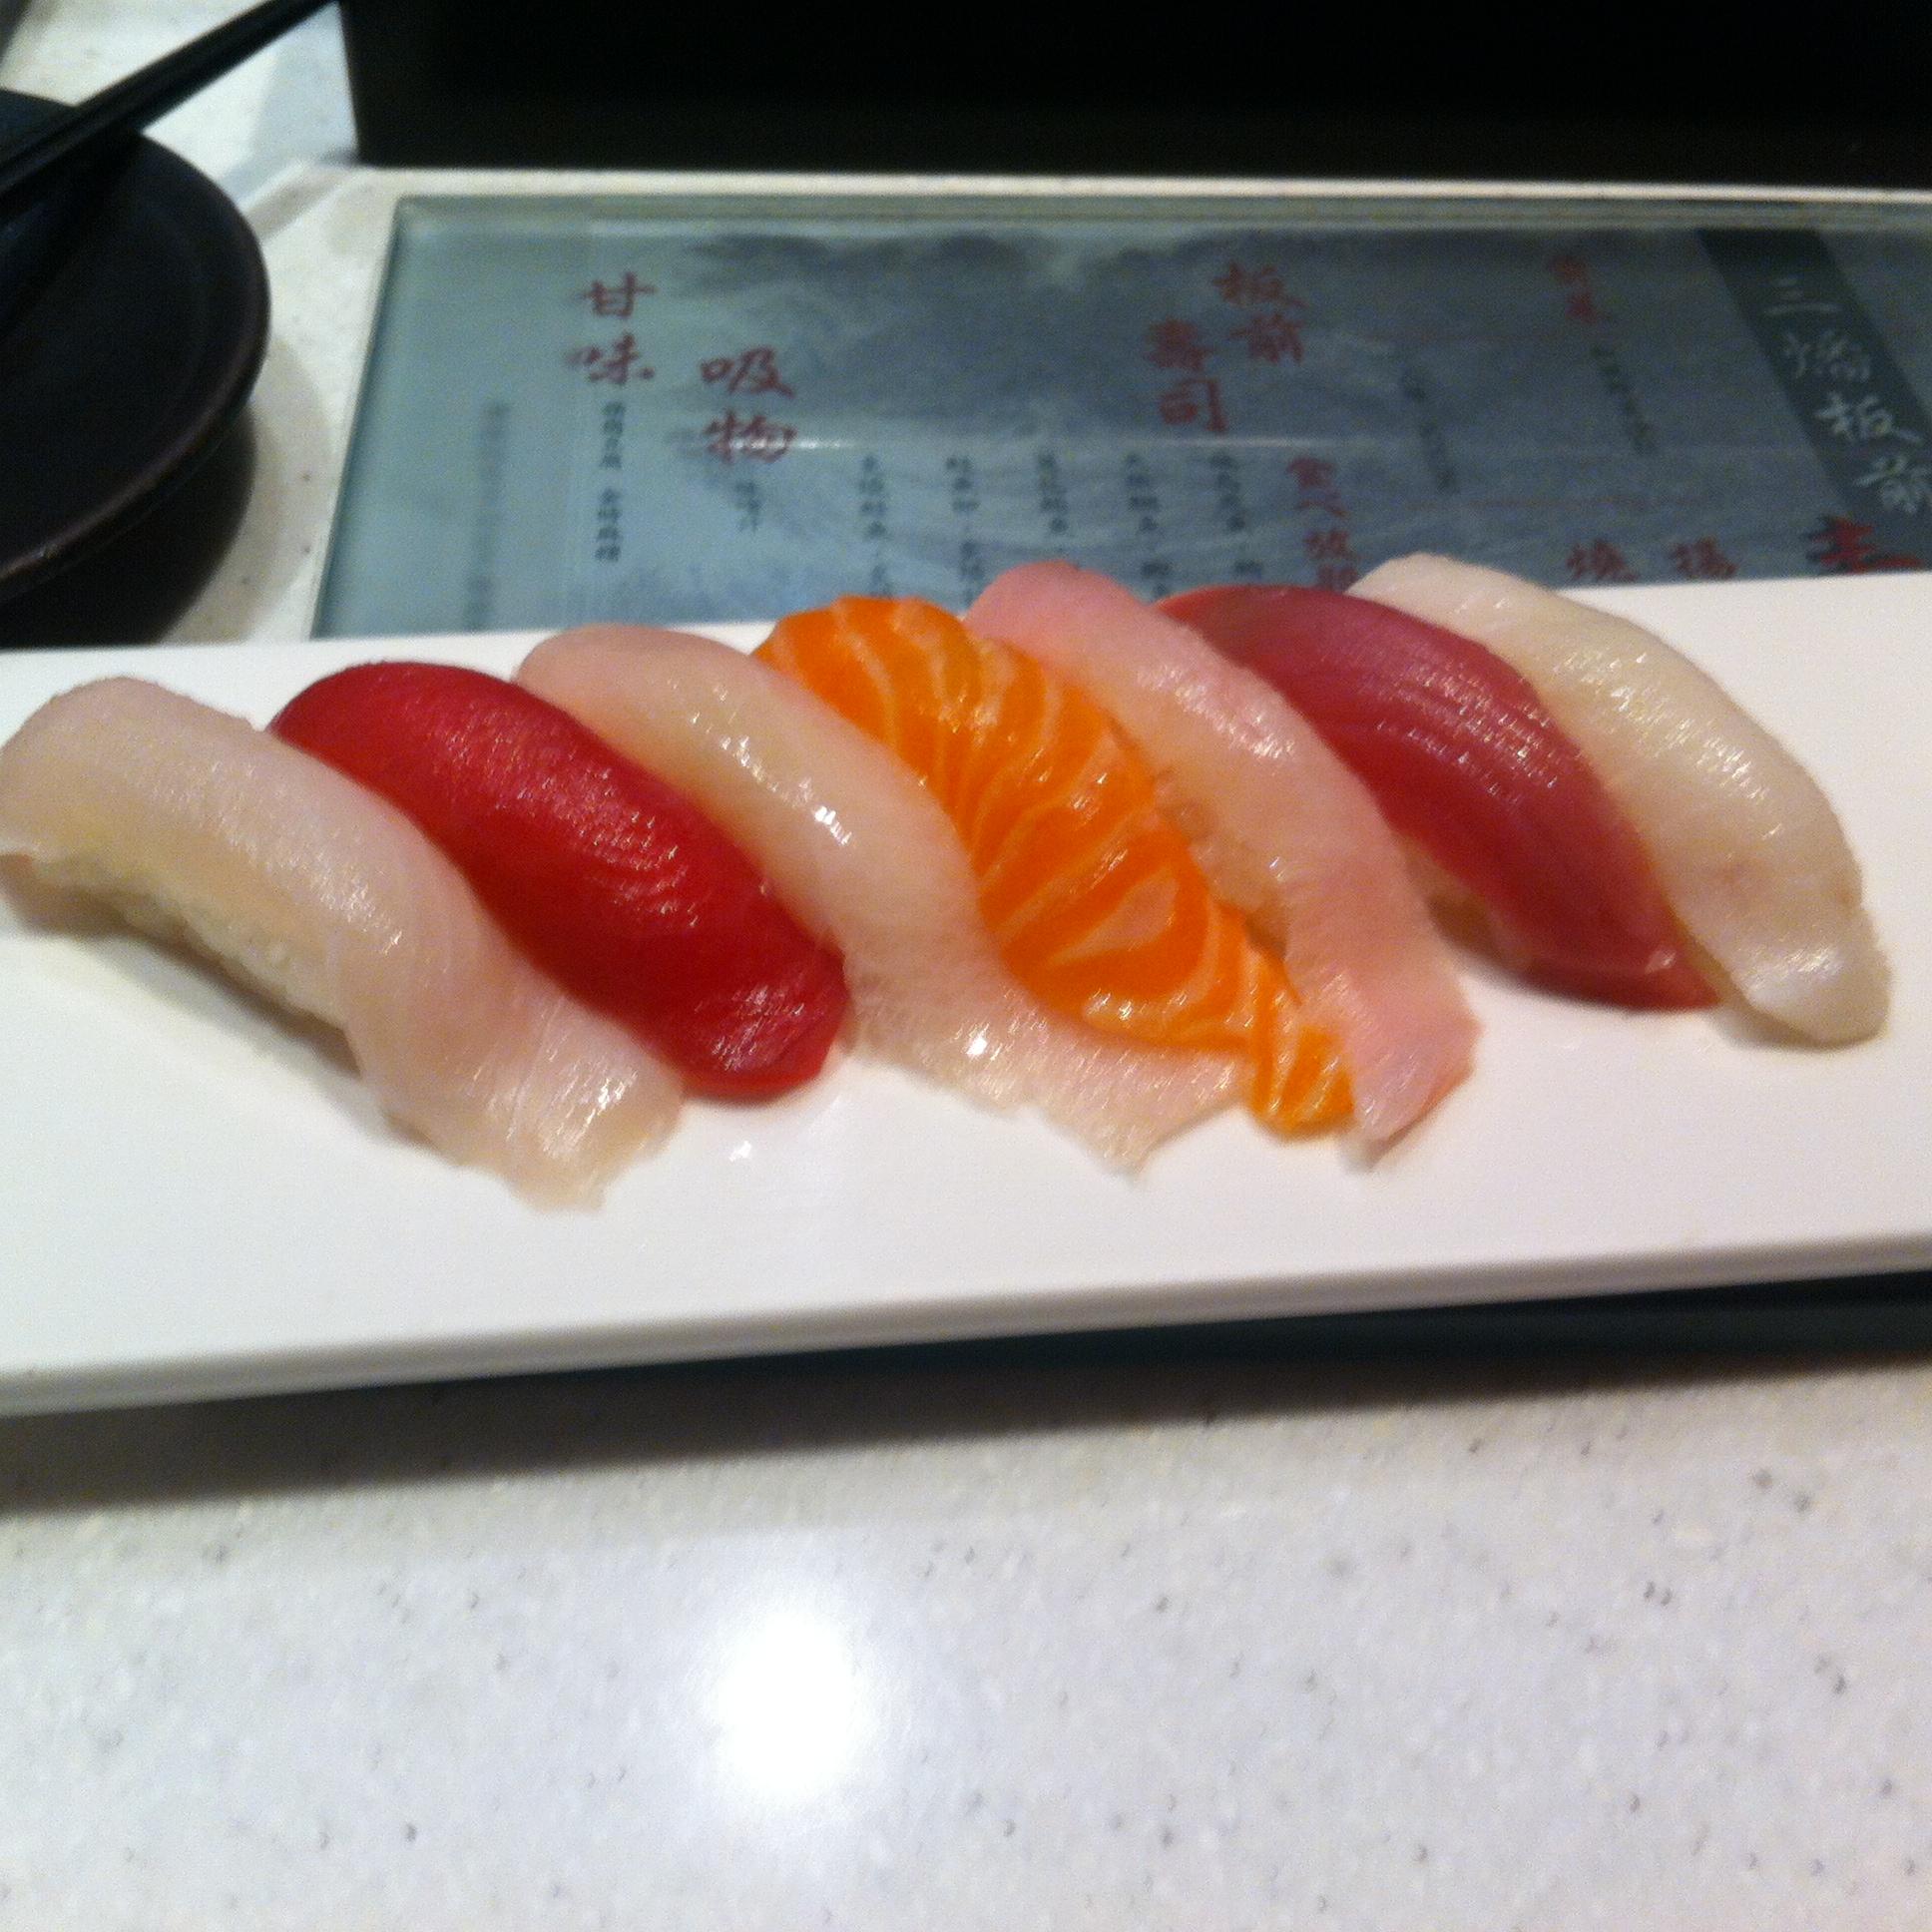 【グルメ】三燔美麗華握り寿司食べ放題